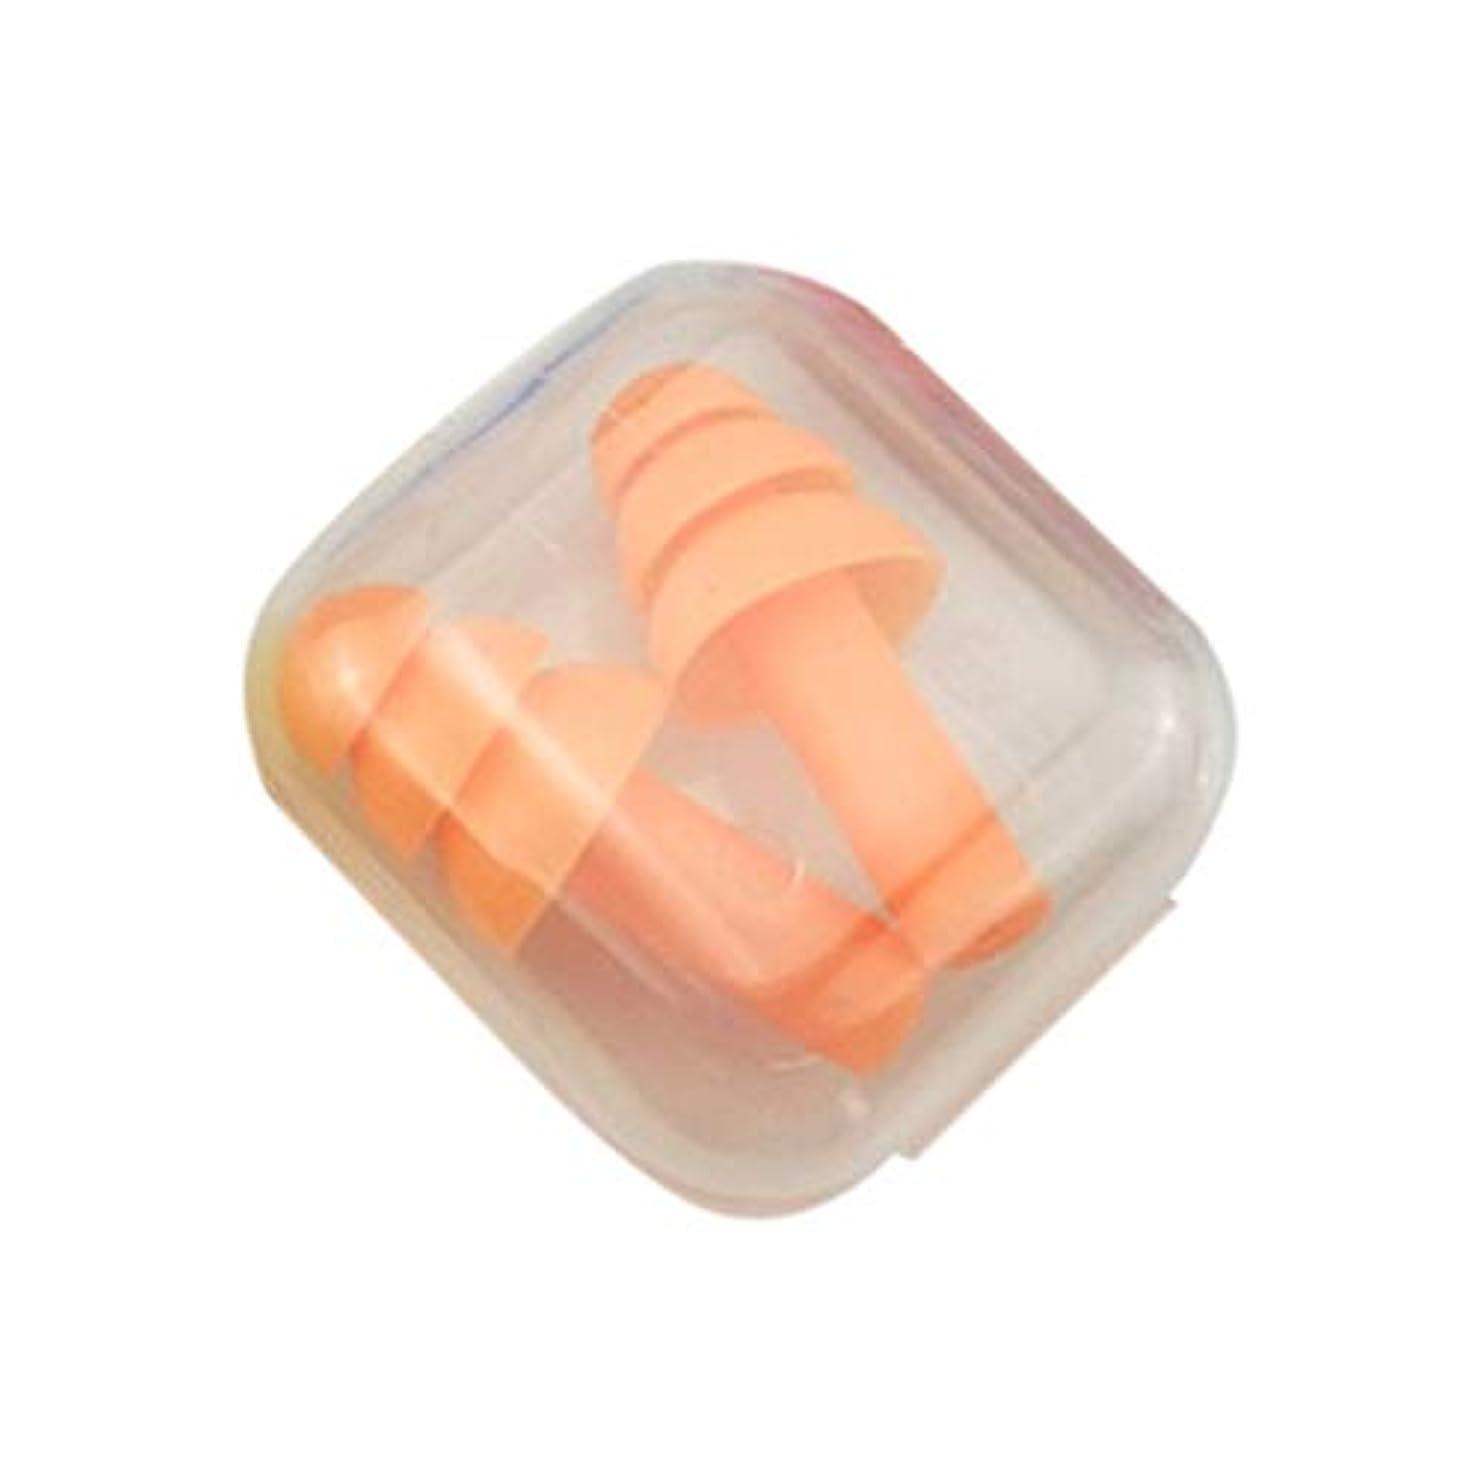 準備する貞はっきりと柔らかいシリコーンの耳栓遮音用耳の保護用の耳栓防音睡眠ボックス付き収納ボックス - オレンジ